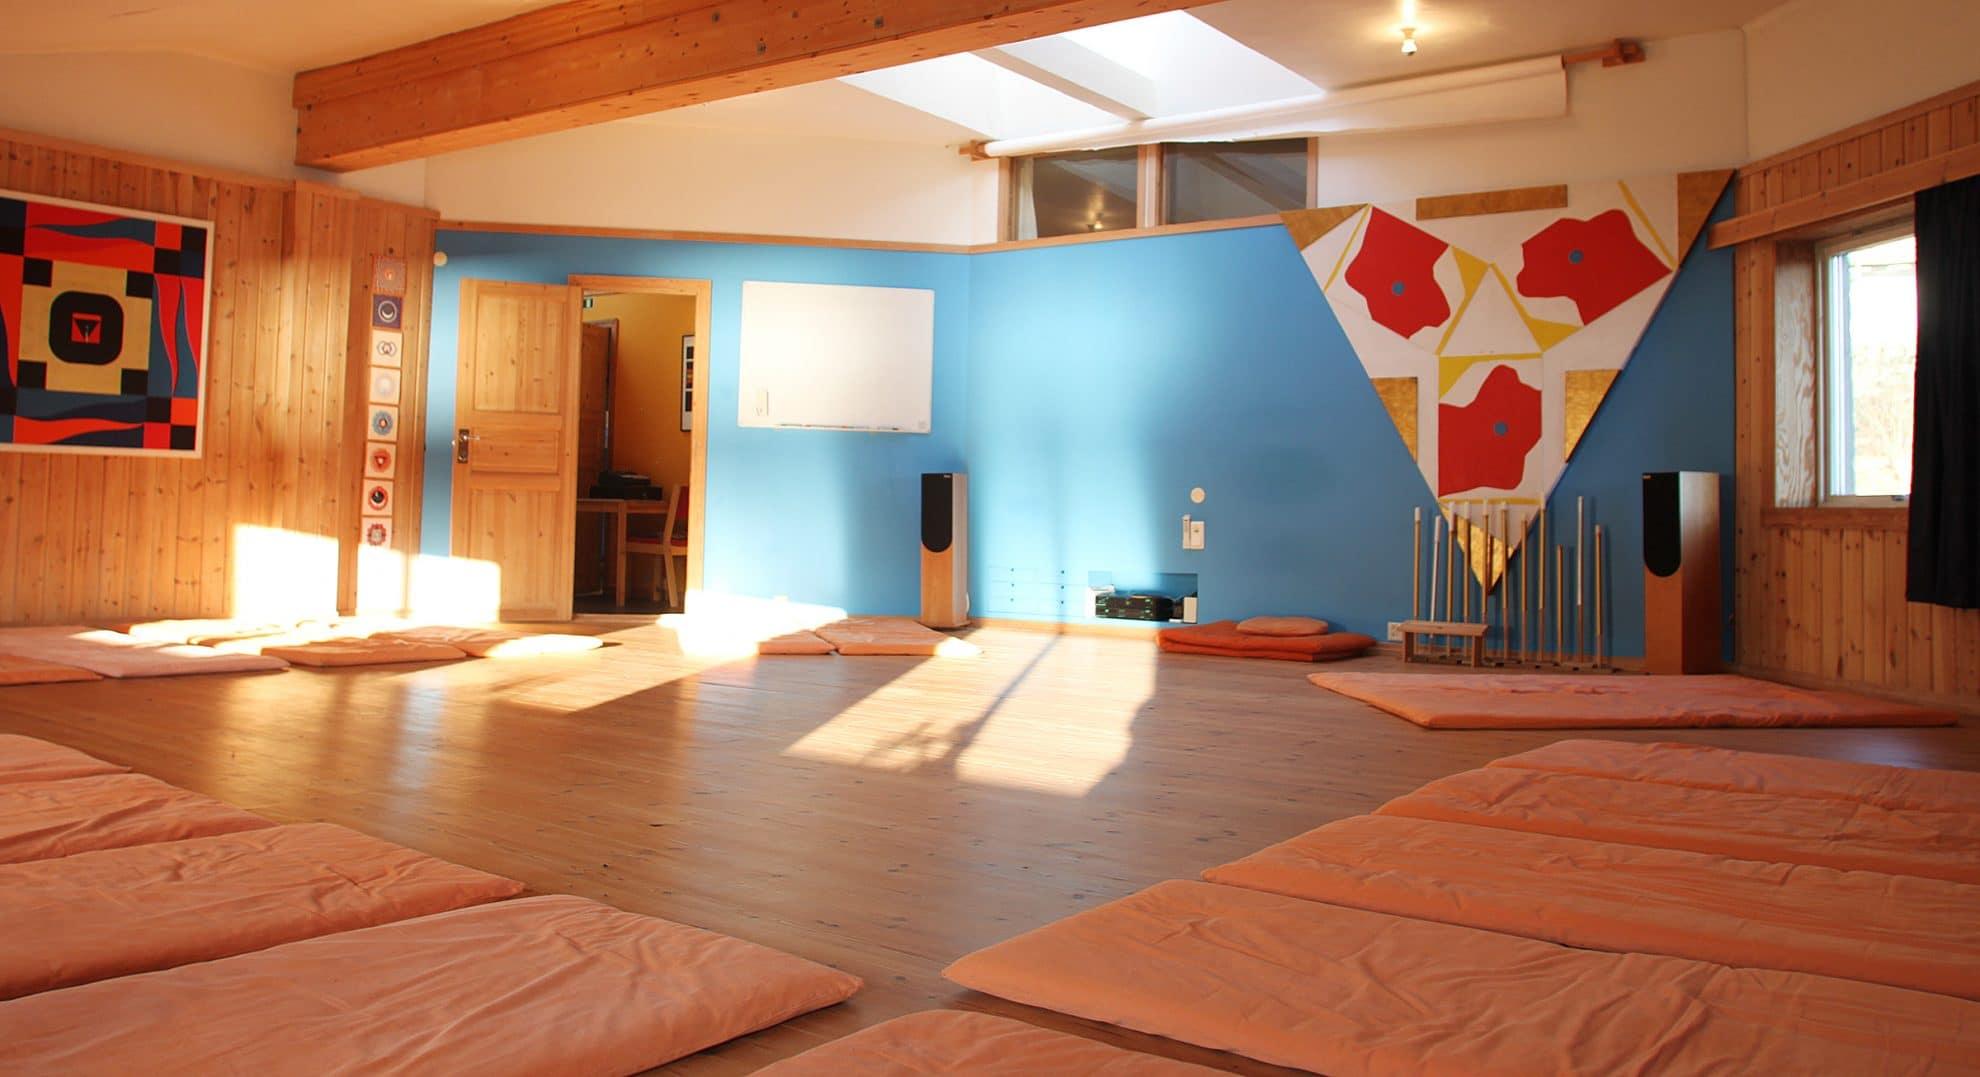 Yogarommet på yogaskolen